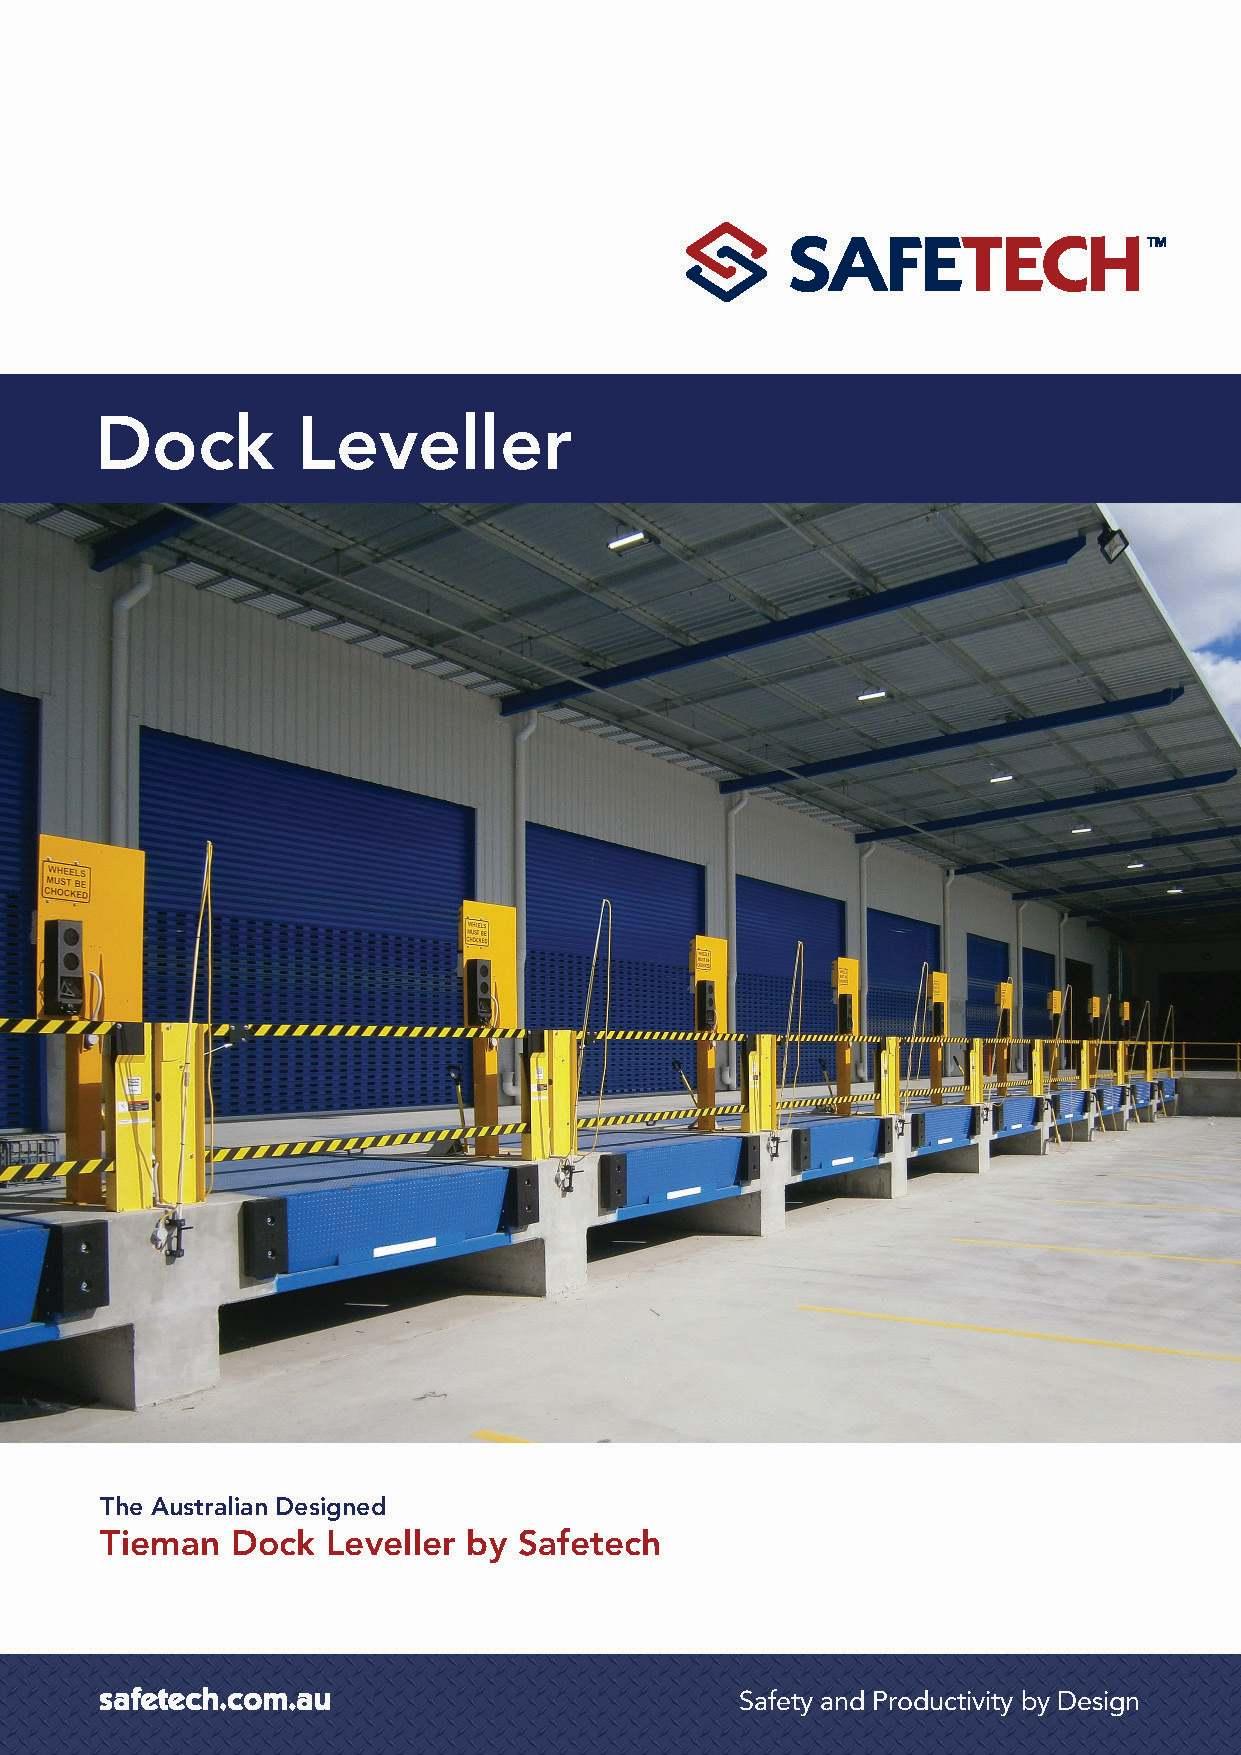 Safetech-DockLeveller-A4_V1.1_Page_1